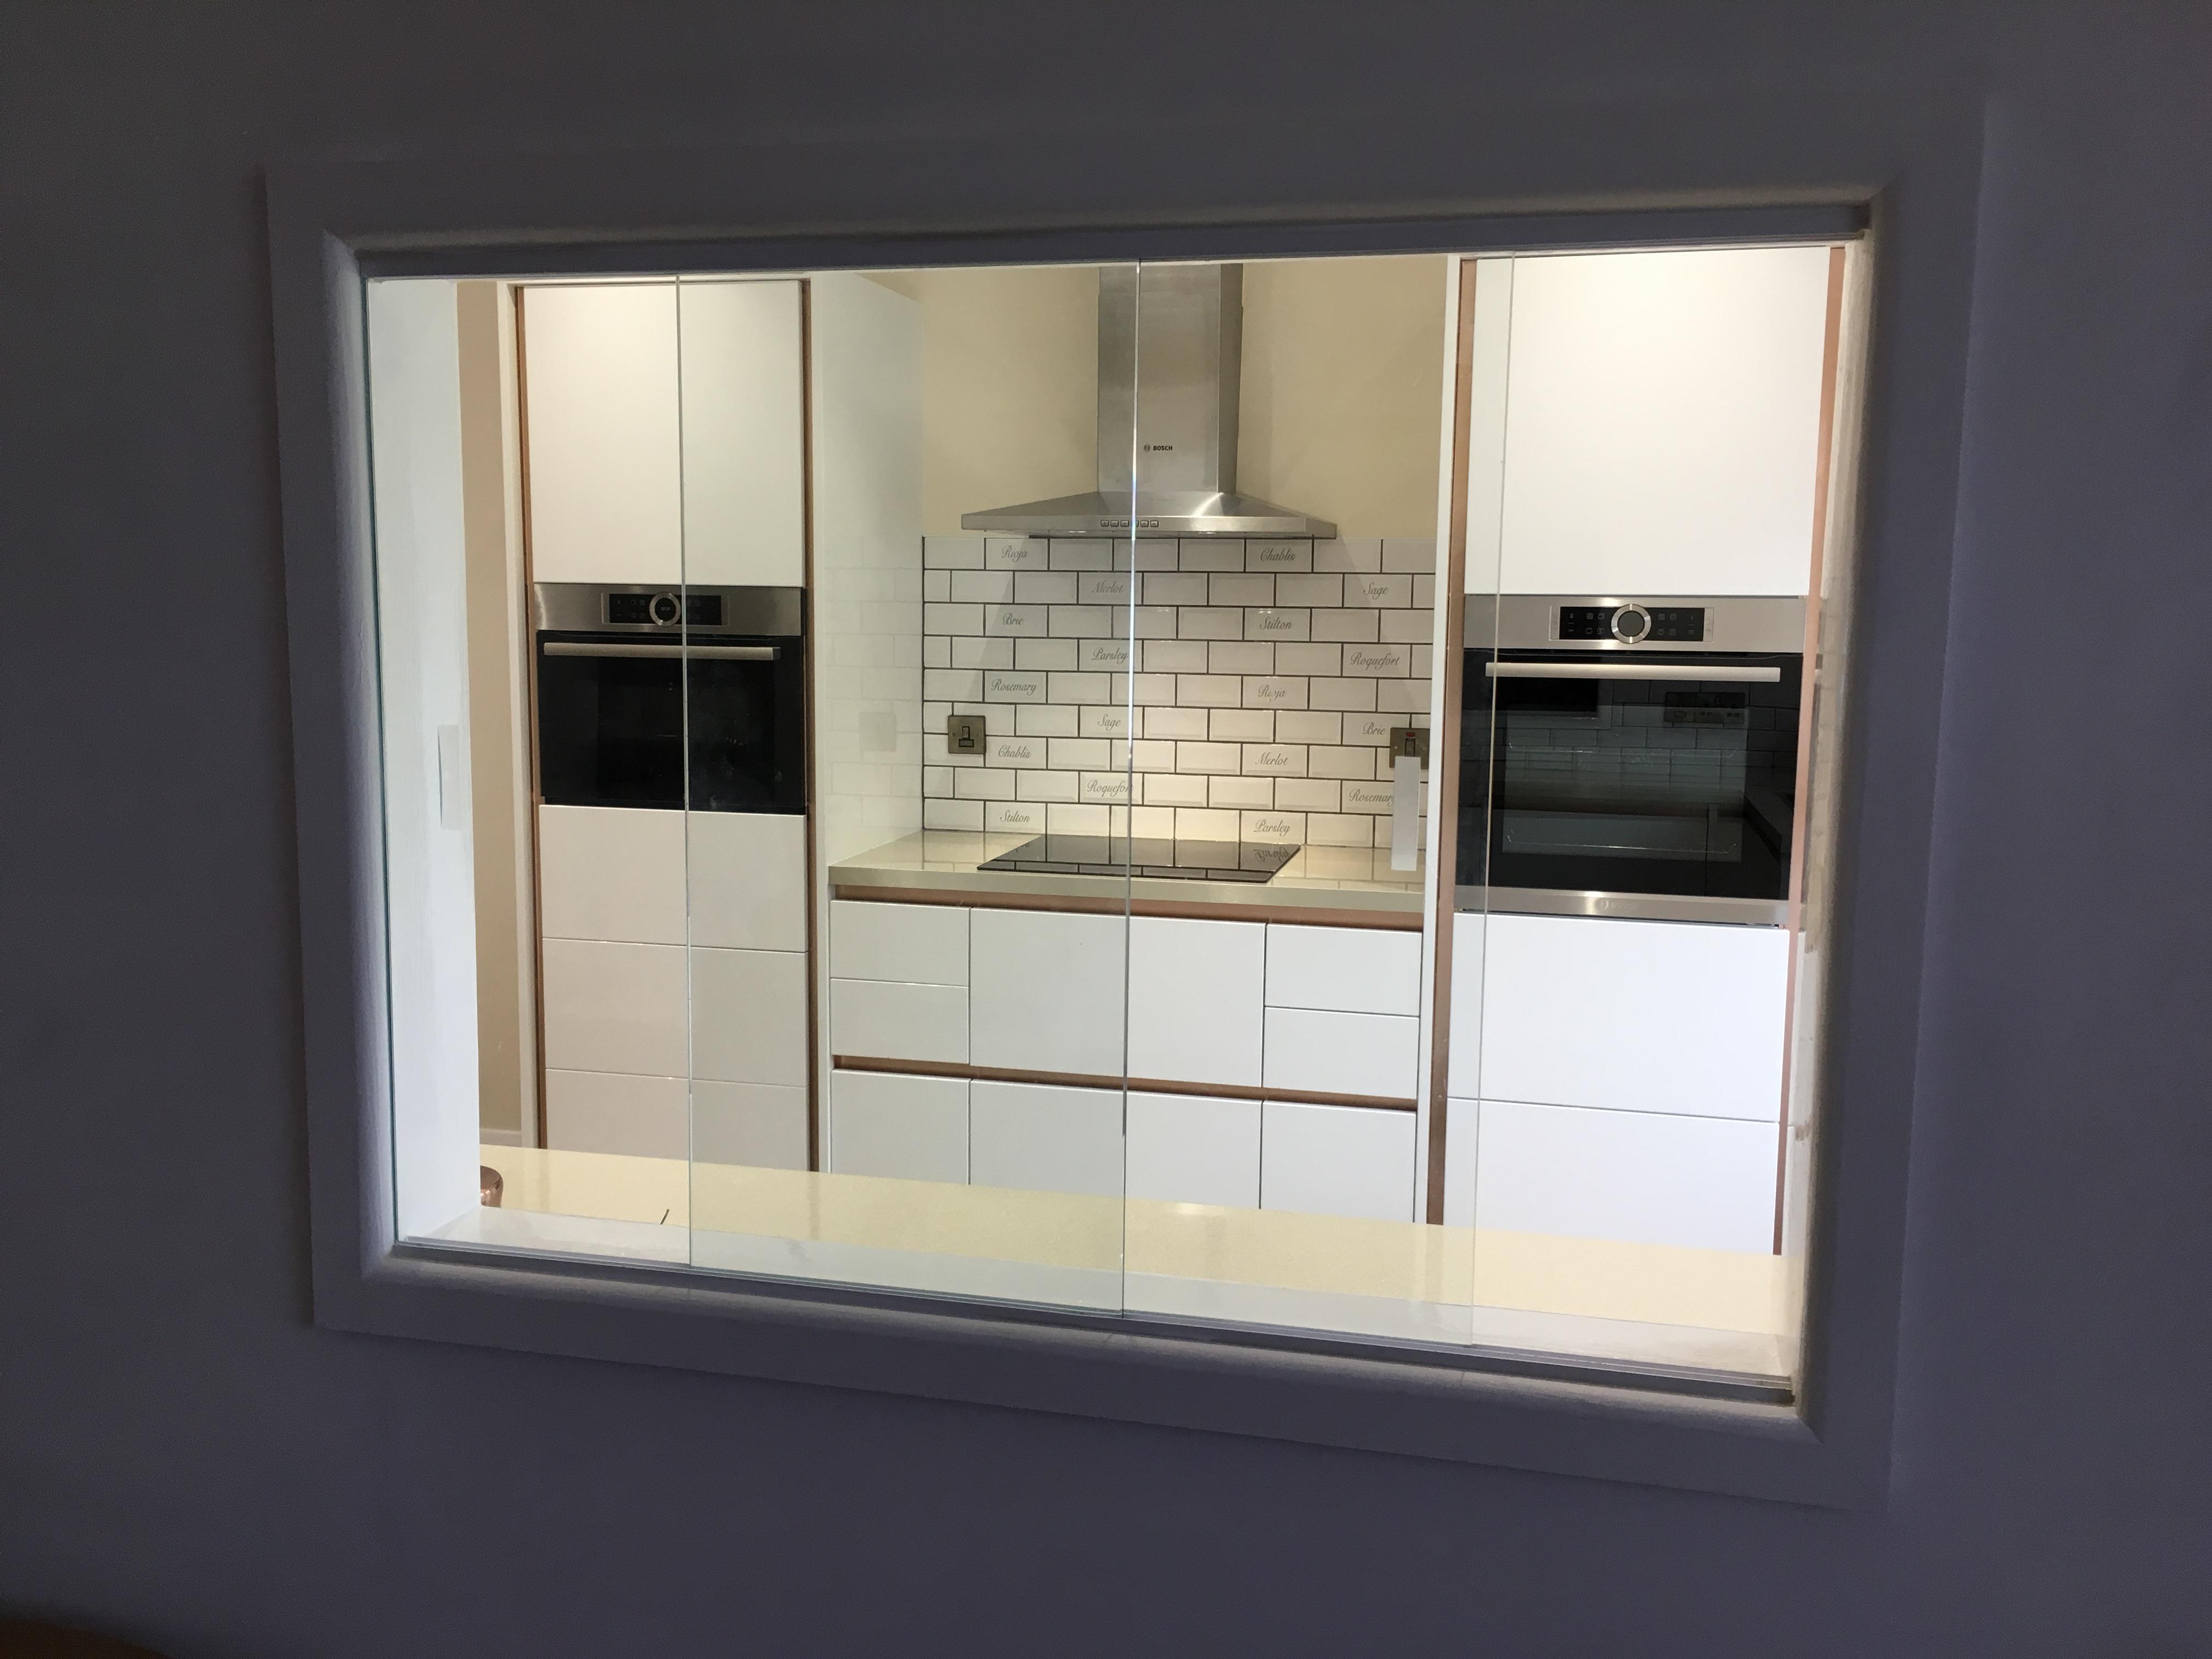 Bespoke Kitchen Hatch